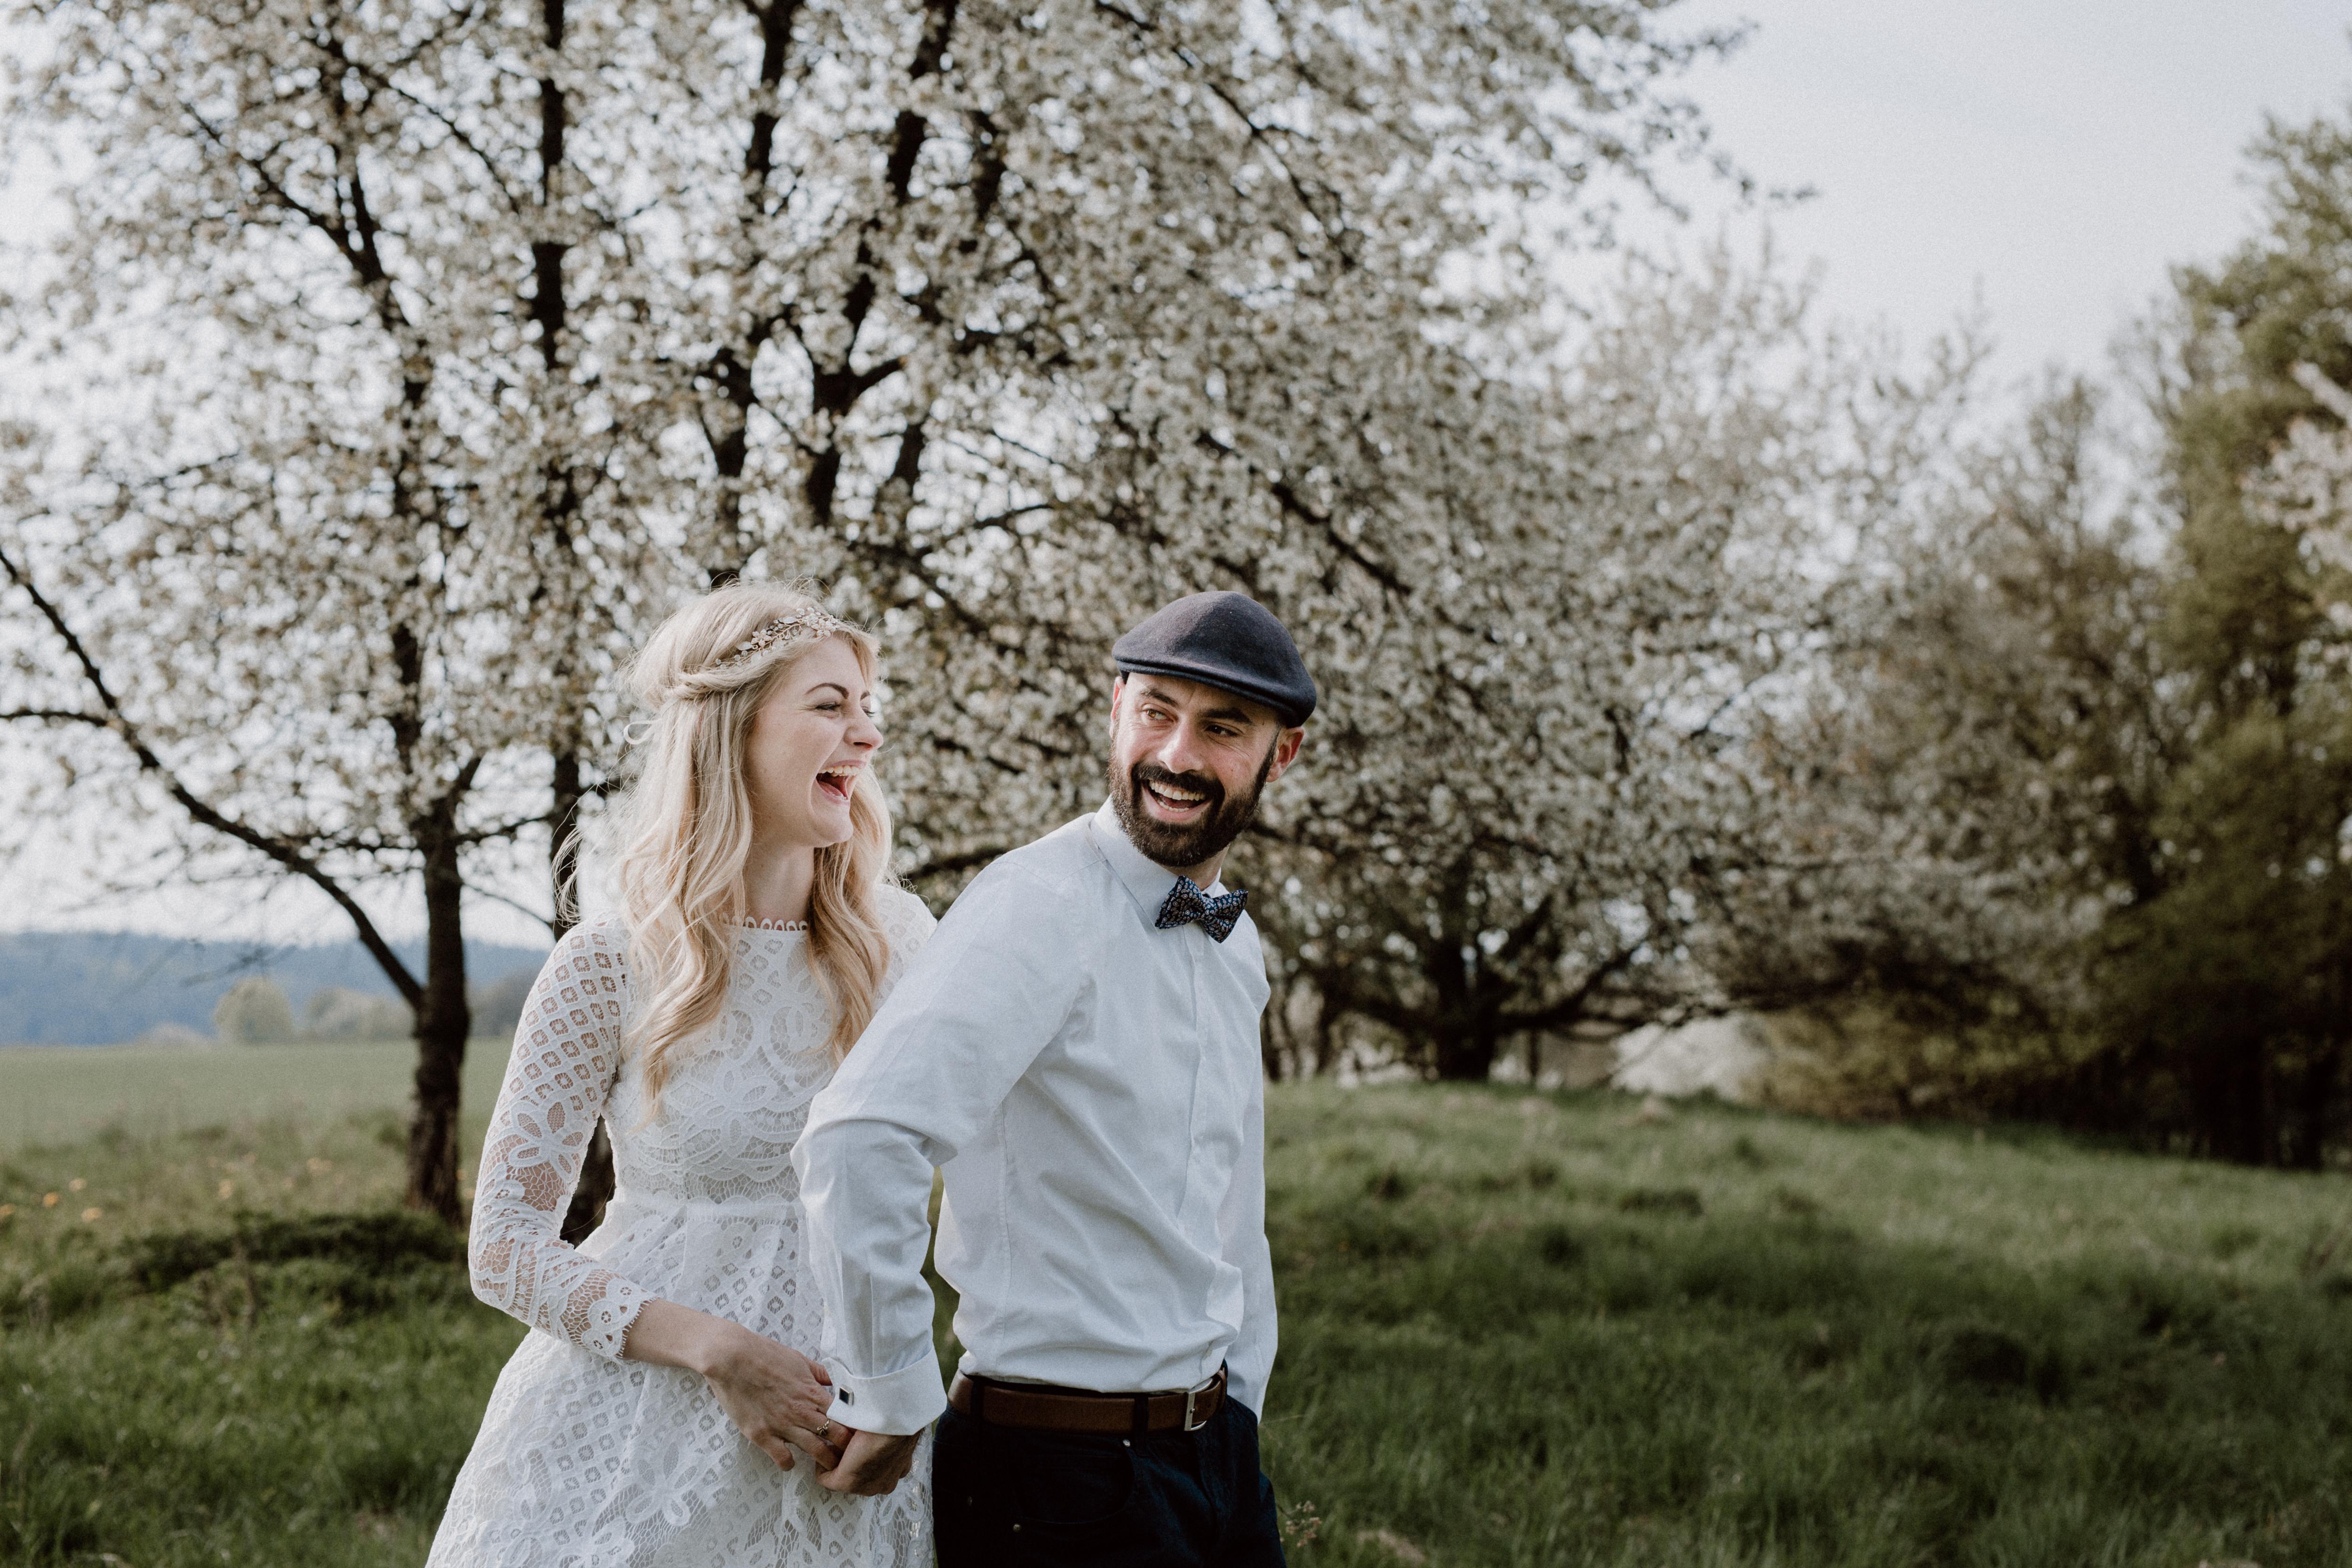 URBANERIE_Daniela_Goth_Hochzeitsfotografin_Nürnberg_Fürth_Erlangen_Schwabach_170415_001_0043